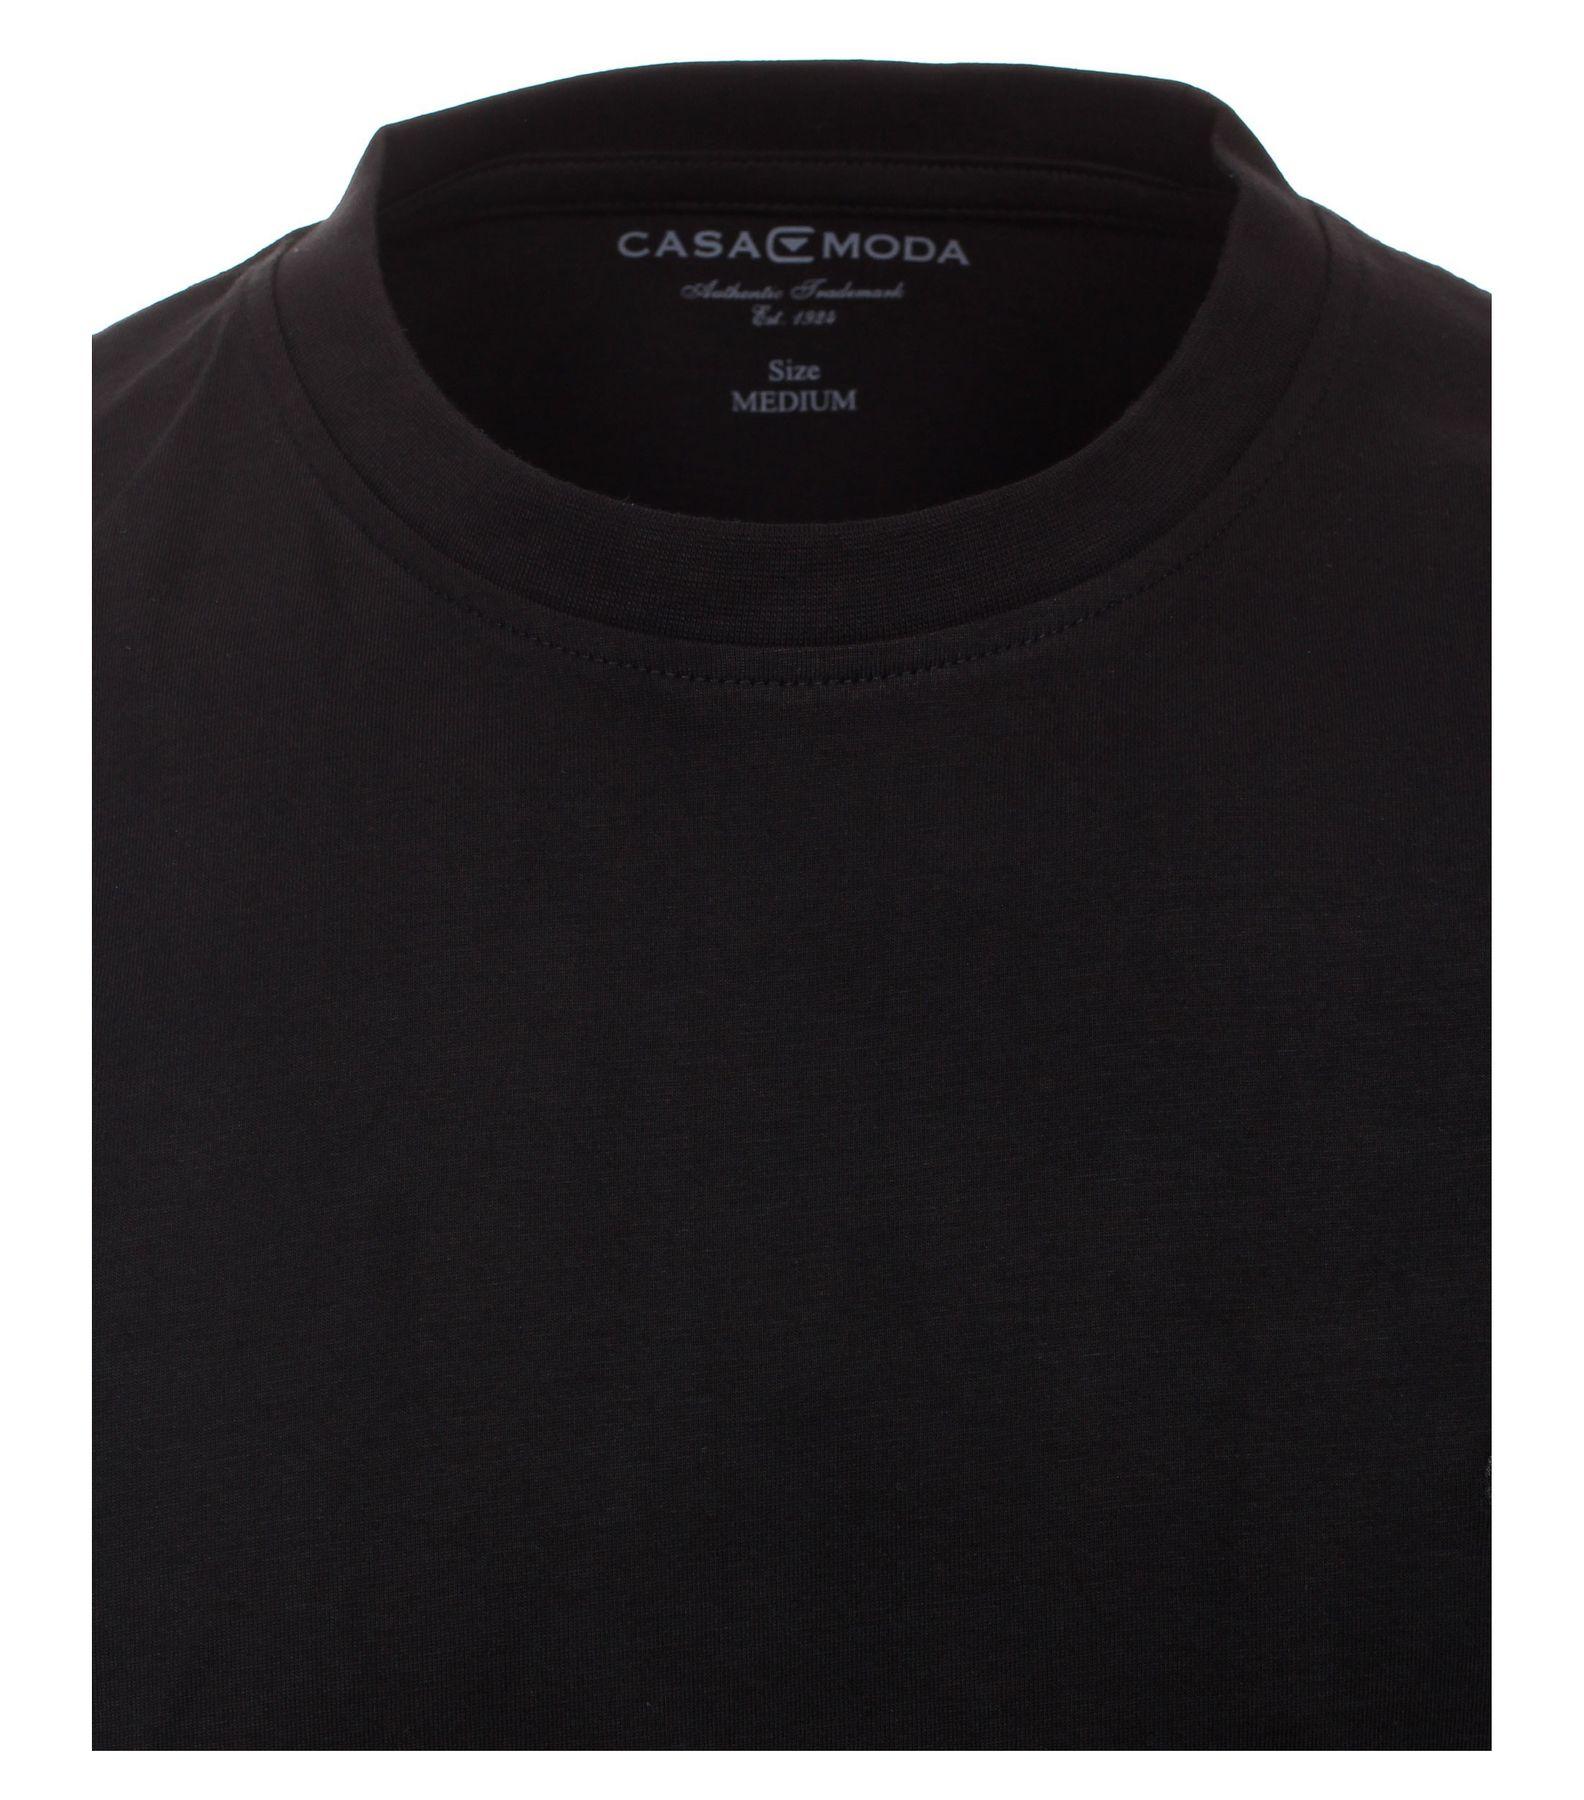 Casa Moda - Herren T-Shirt mit Rundhals im 2er Pack, schwarz oder weiß, S-6XL (092180) – Bild 3